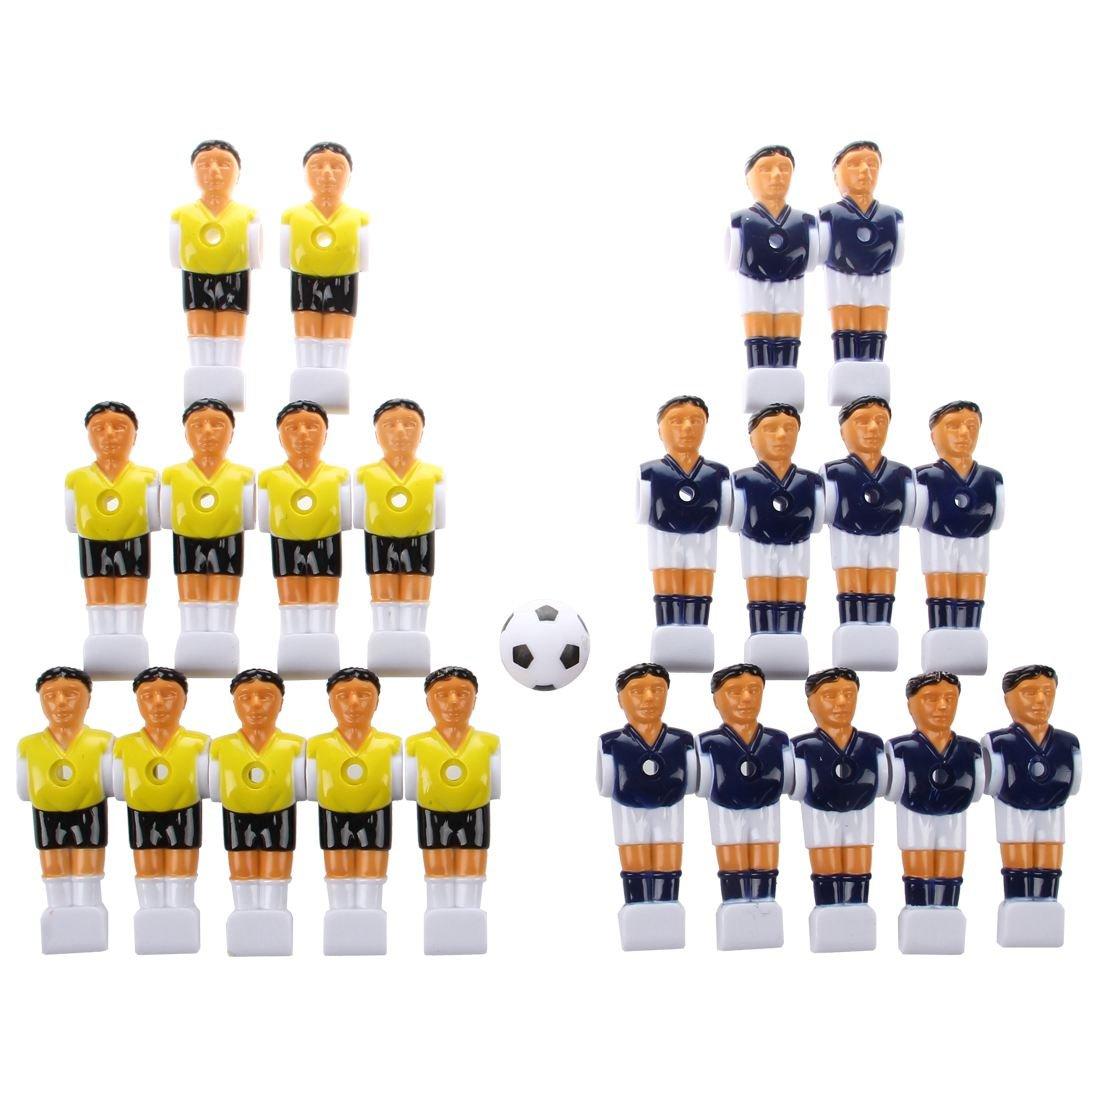 ACAMPTAR 22pcs Foosball Hombre Tabla Hombres Hombre Jugador de Futbol Parte Amarillo + Azul Marino con Pelota: Amazon.es: Juguetes y juegos